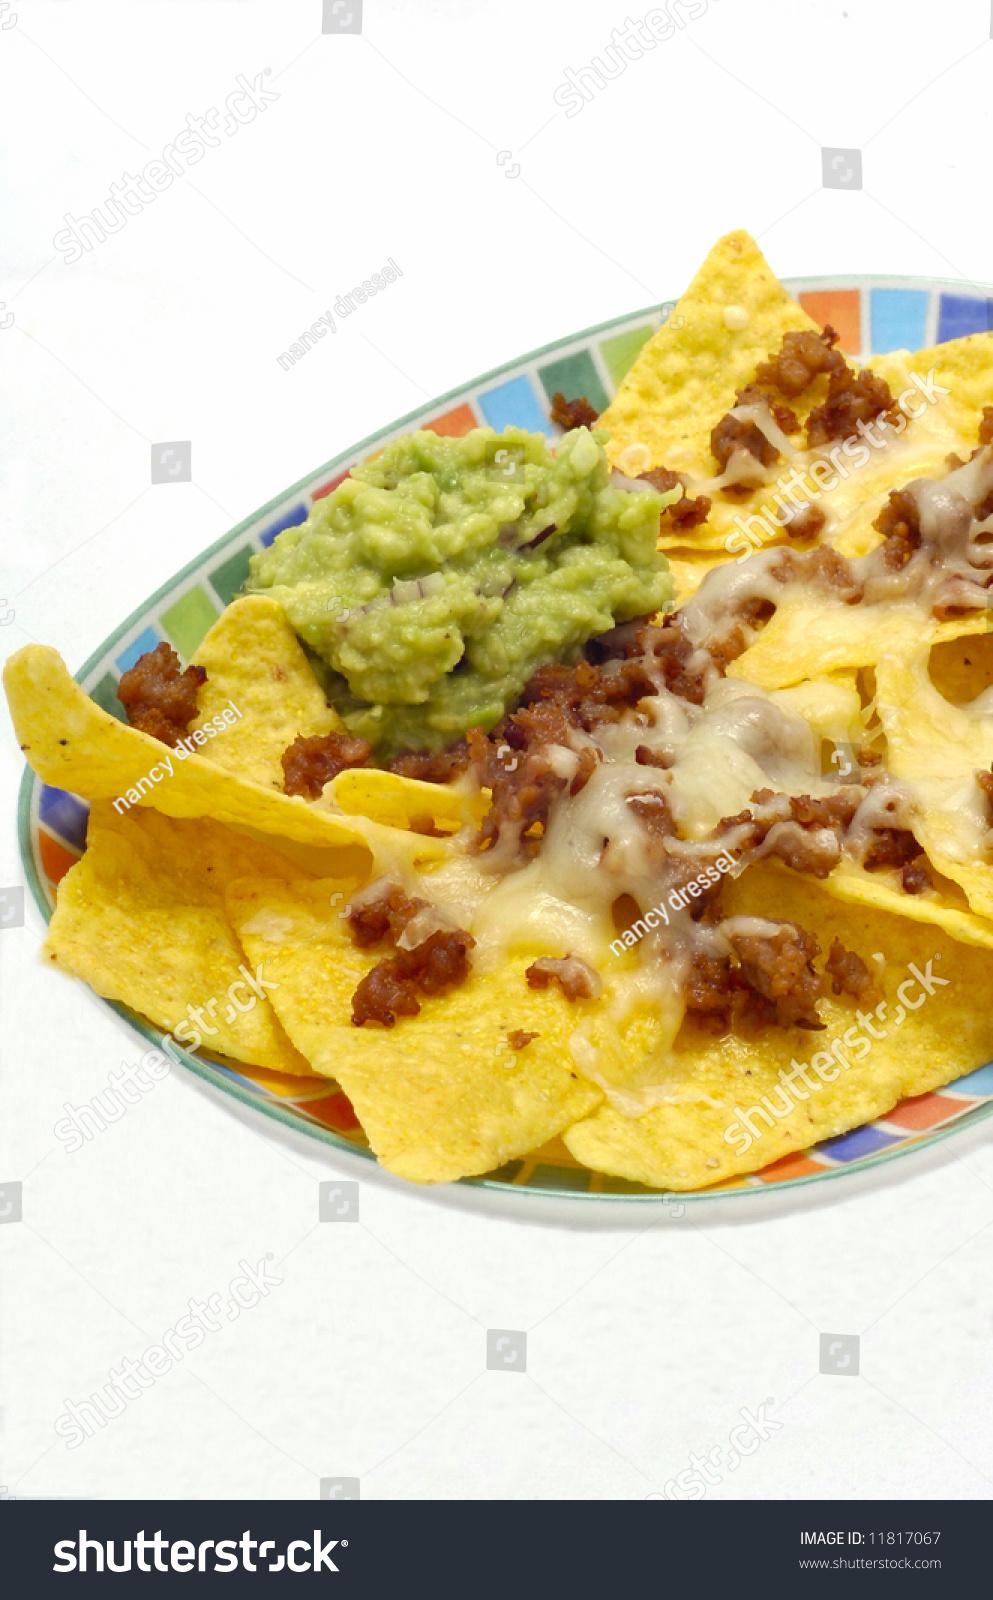 how to make avocado dip for nachos